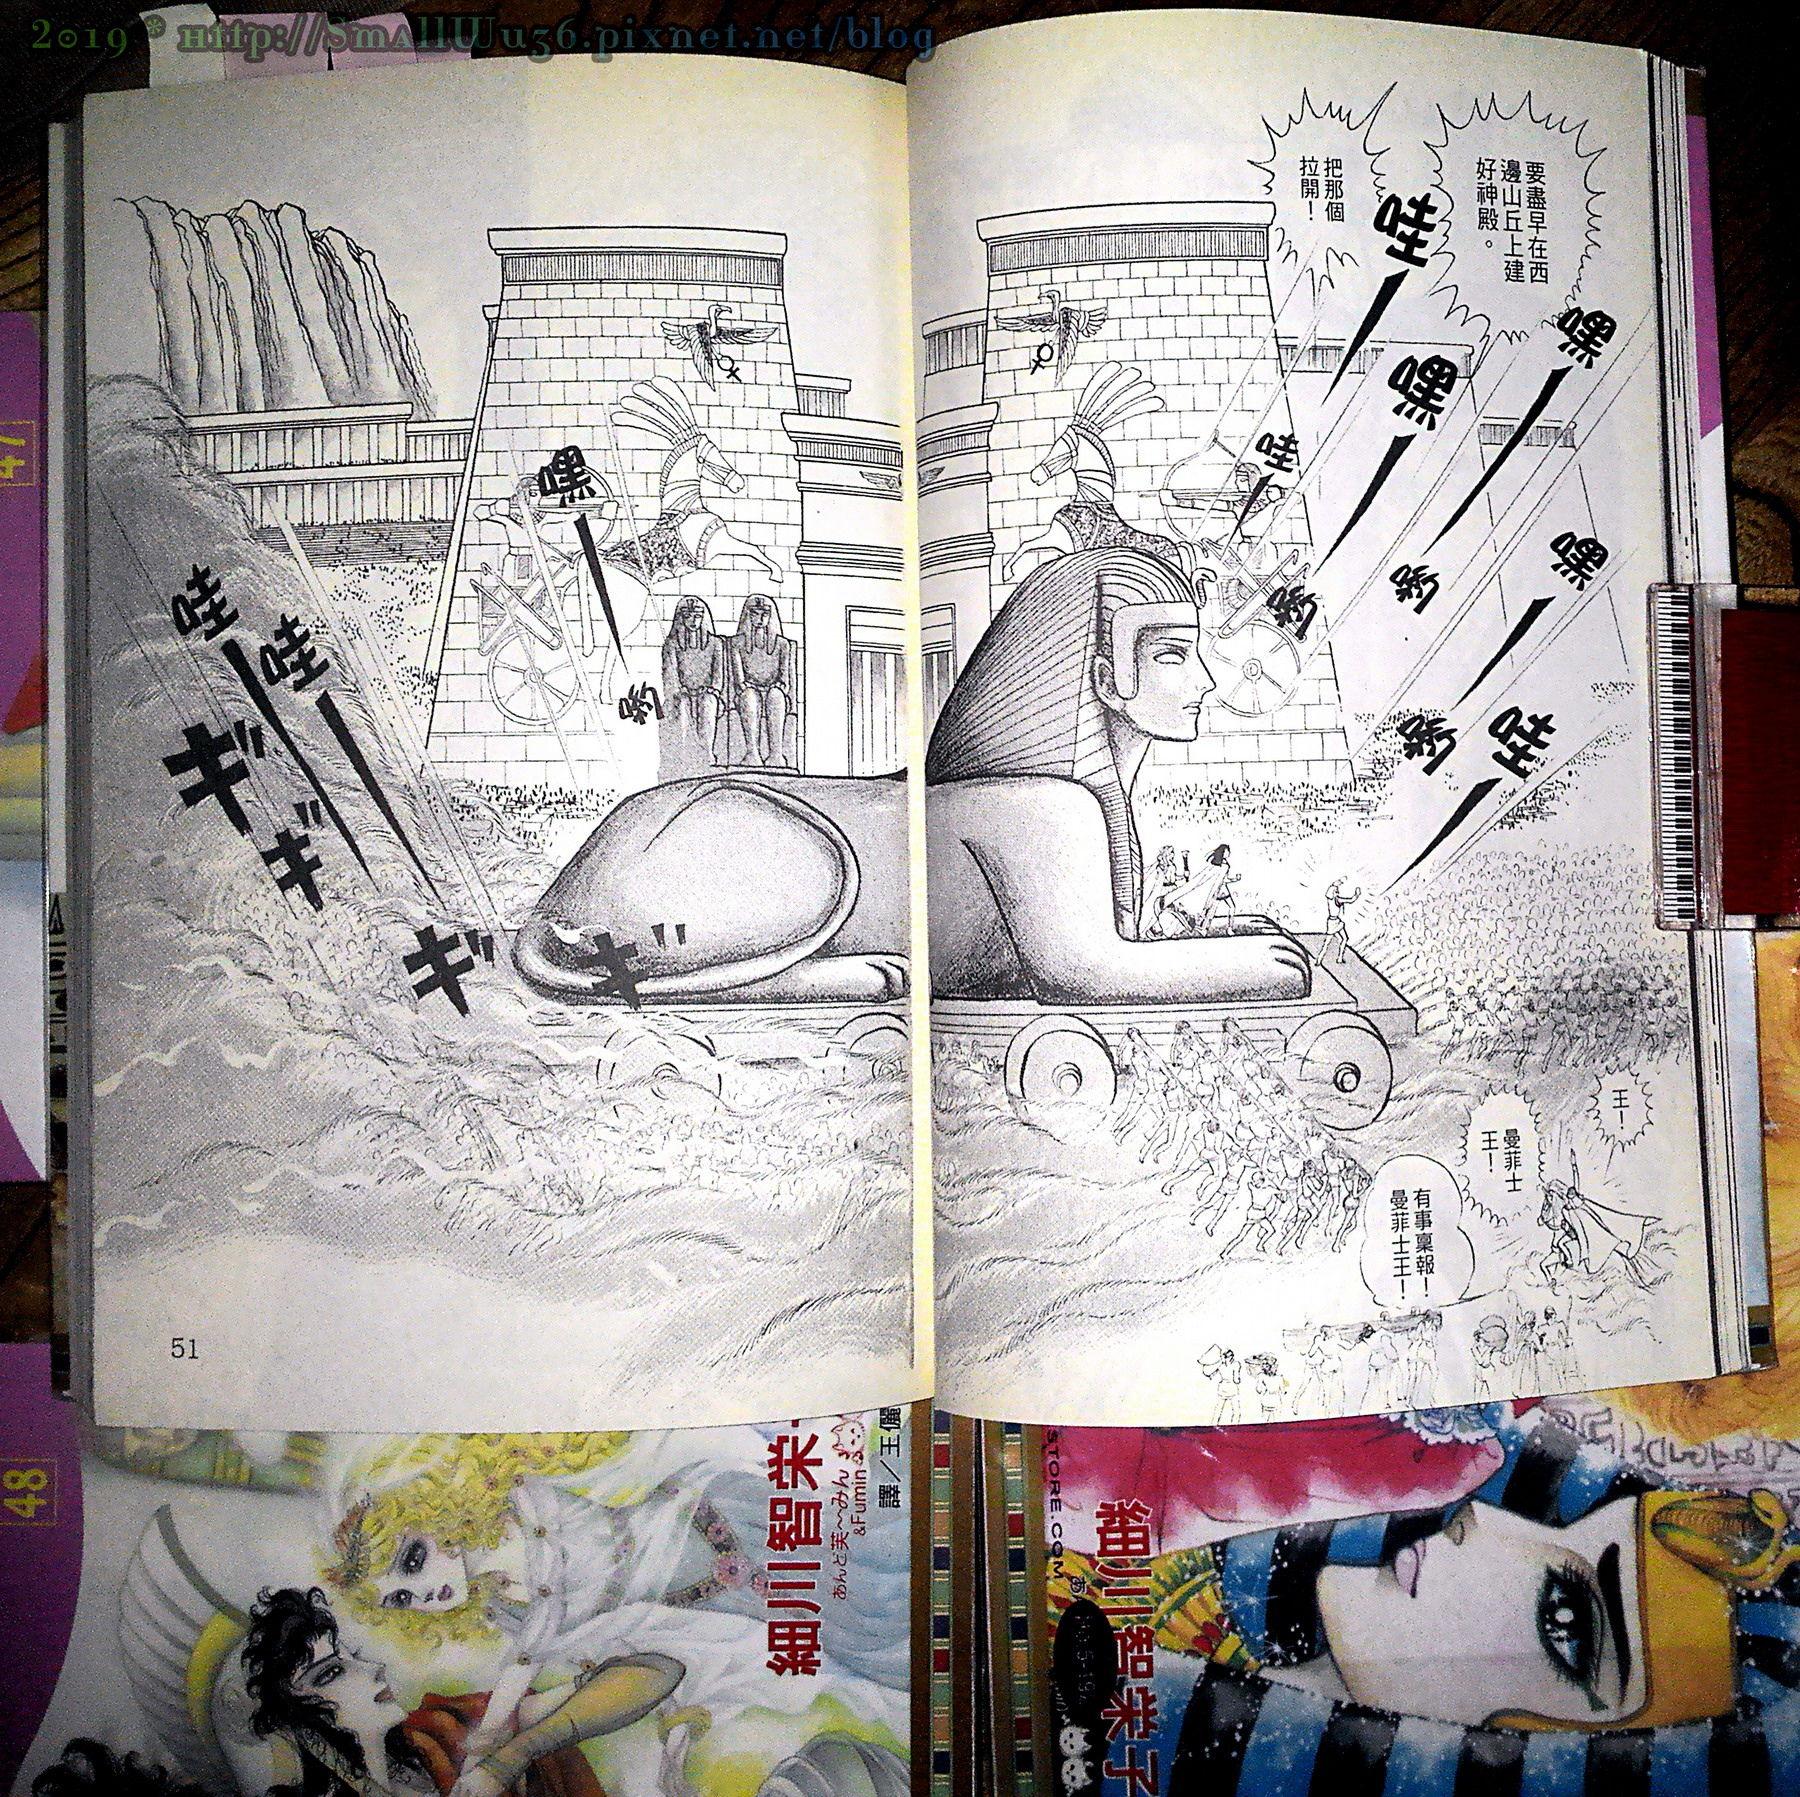 細川智榮子-王家的紋章(尼羅河女兒) 01-48 (長鴻)  vol_03 底比斯.jpg